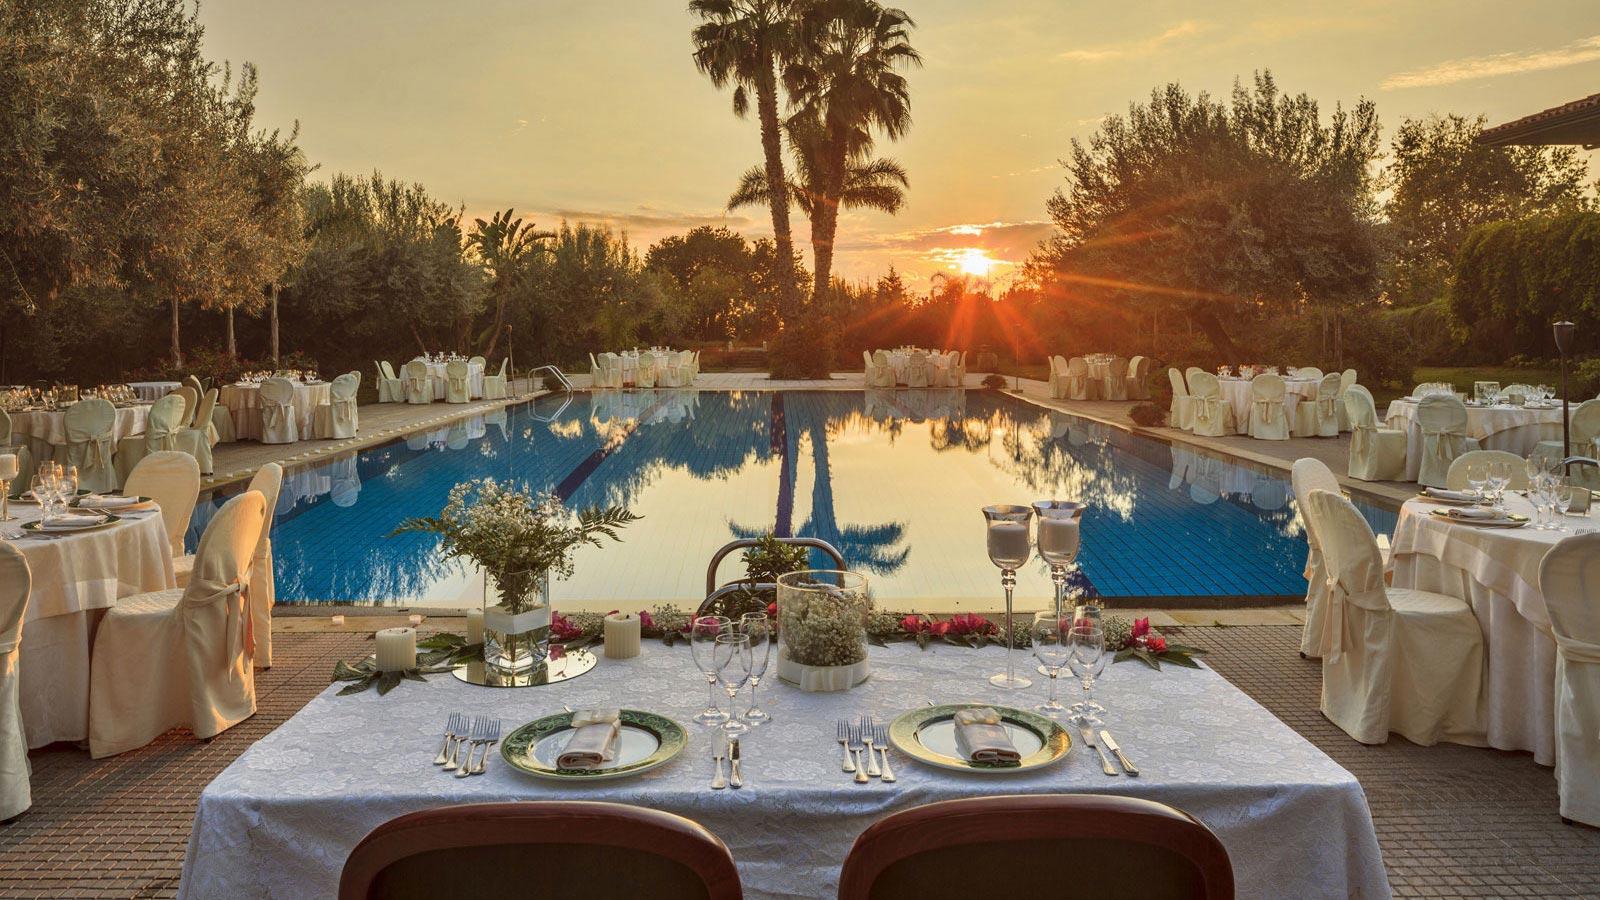 Matrimonio In Villa : La location consigli per scegliere vostra cornice ideale